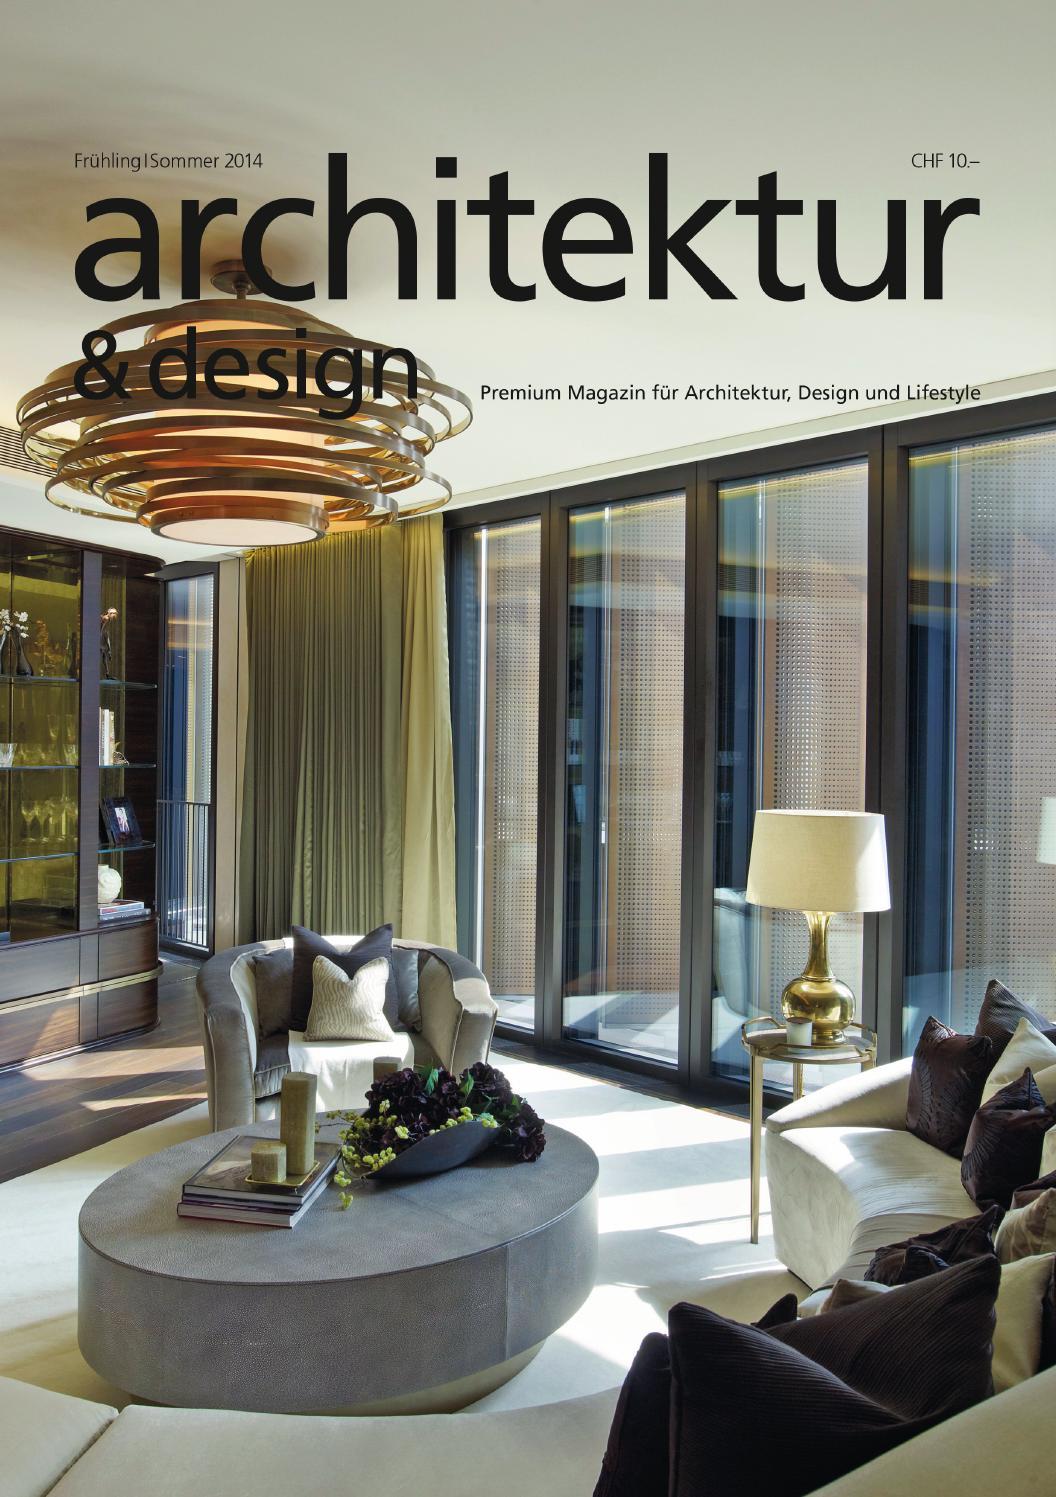 Architekturdesign2014 by new time design Scherrer & Grasso - issuu